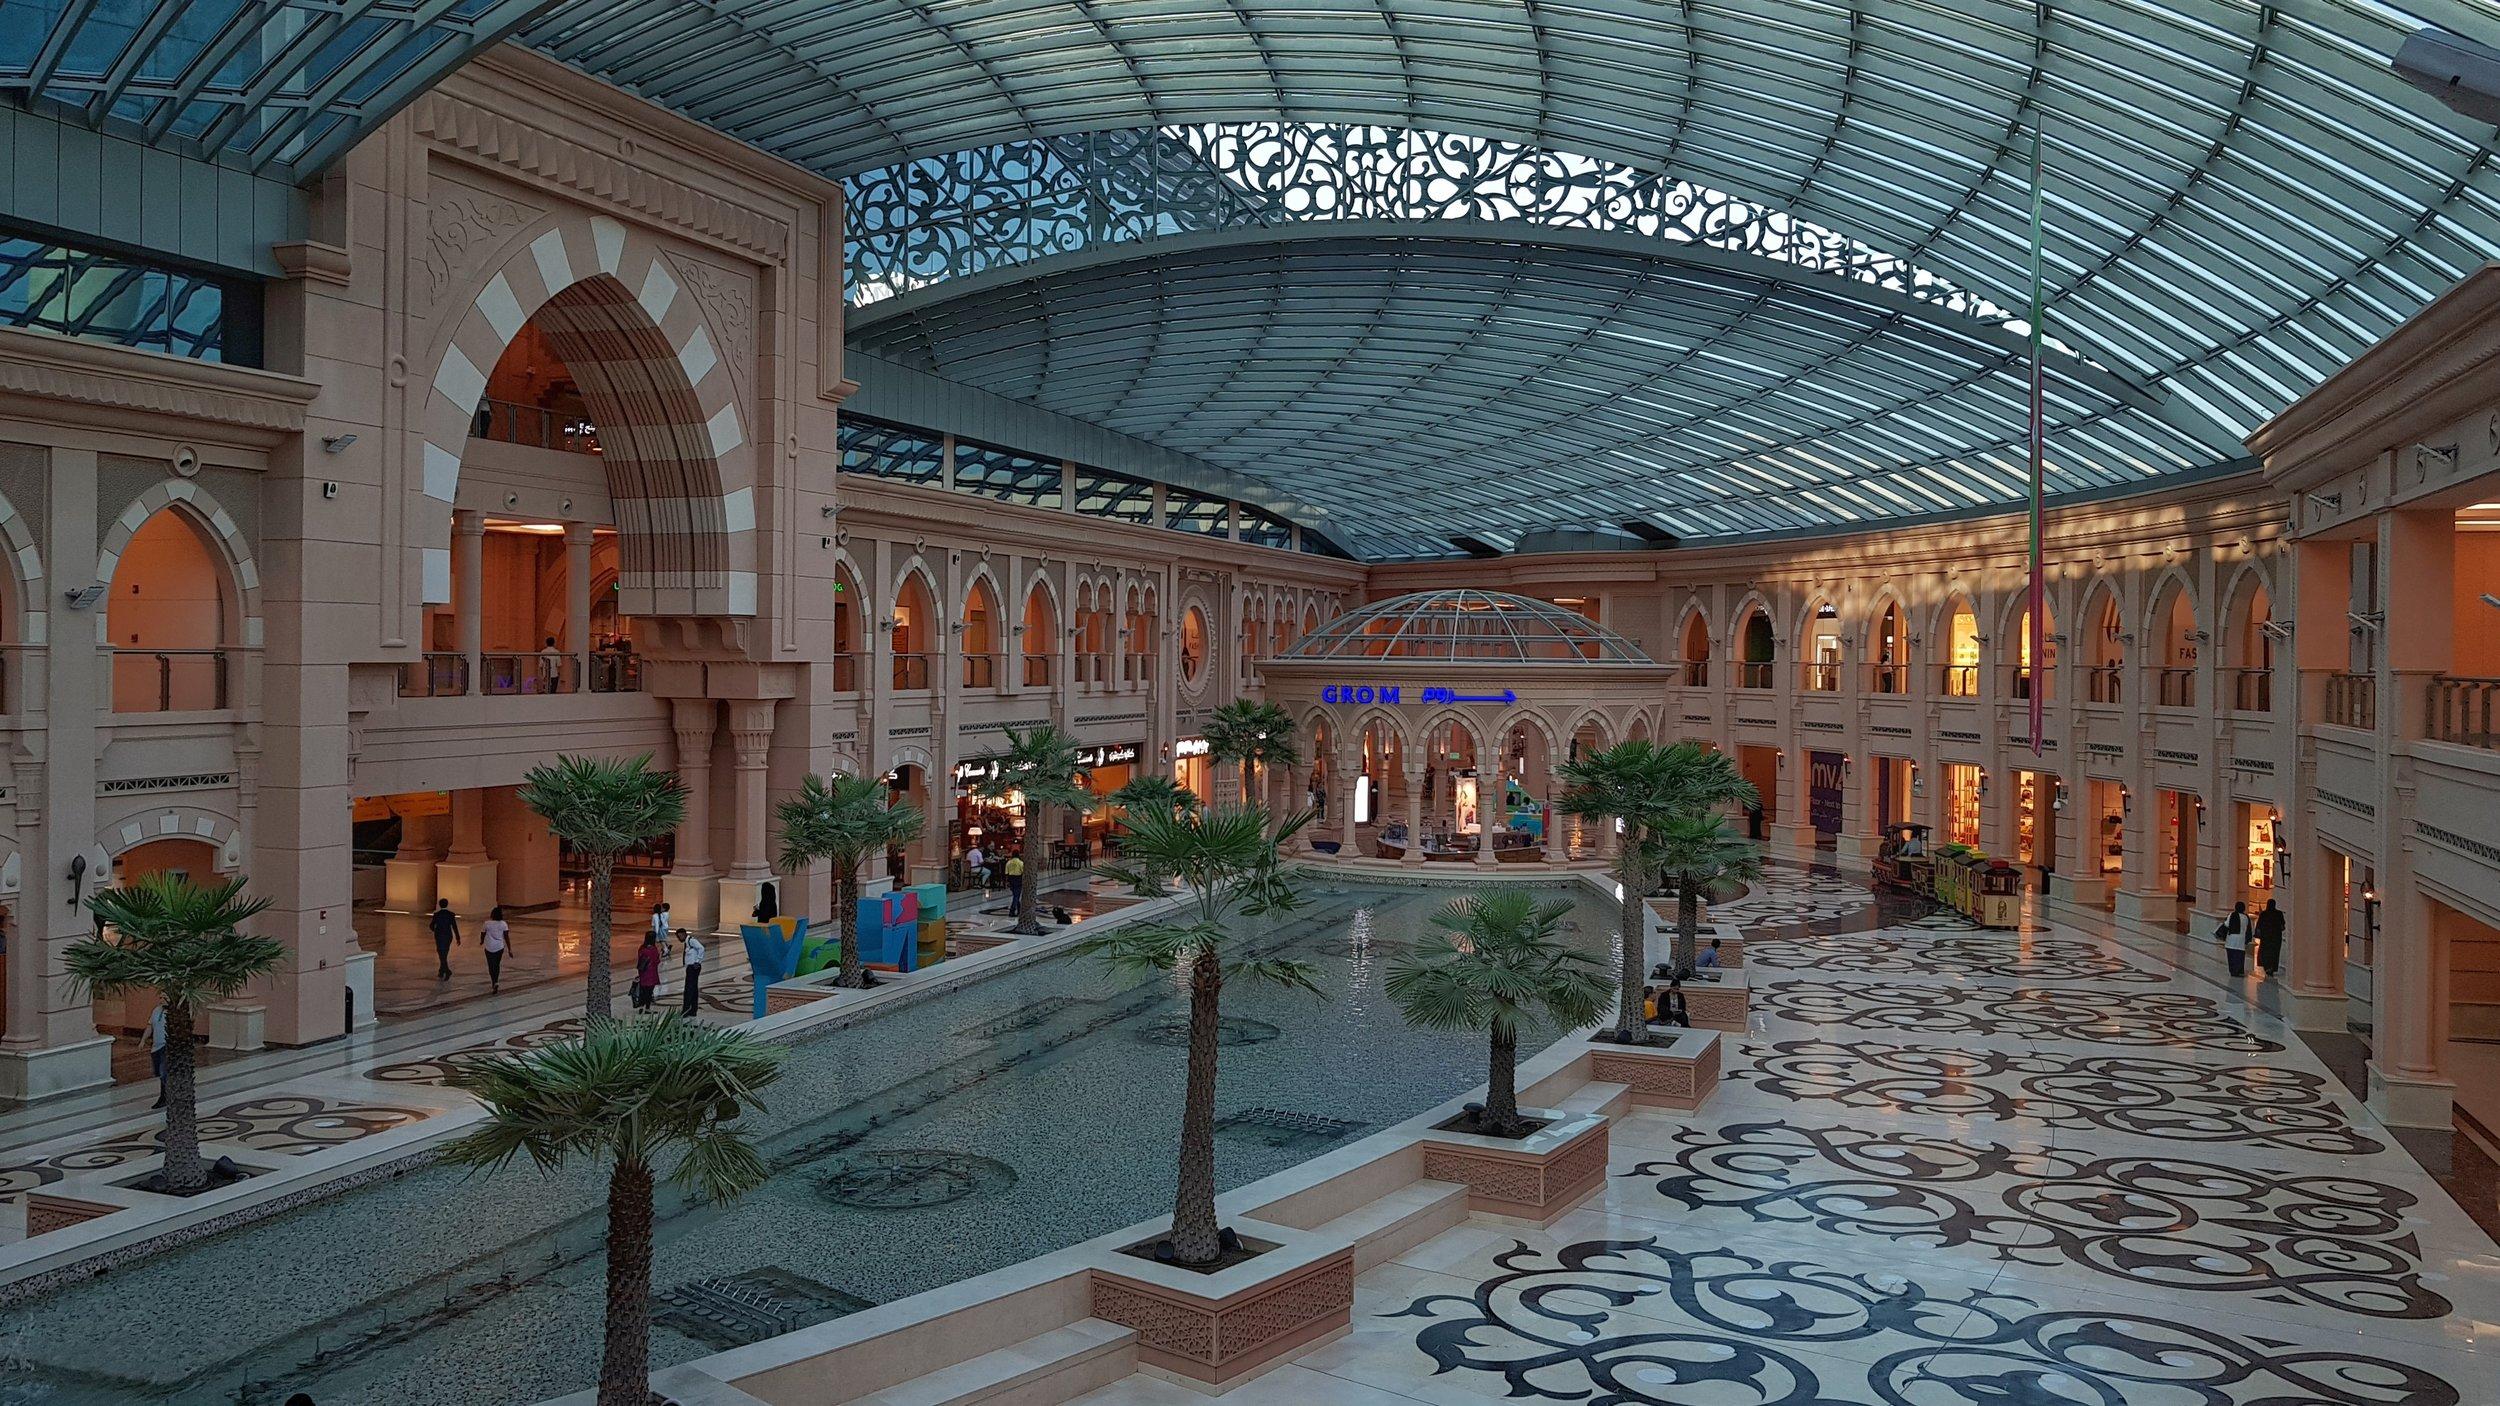 mirqab-mall-qatar-creativitywithkay.jpeg